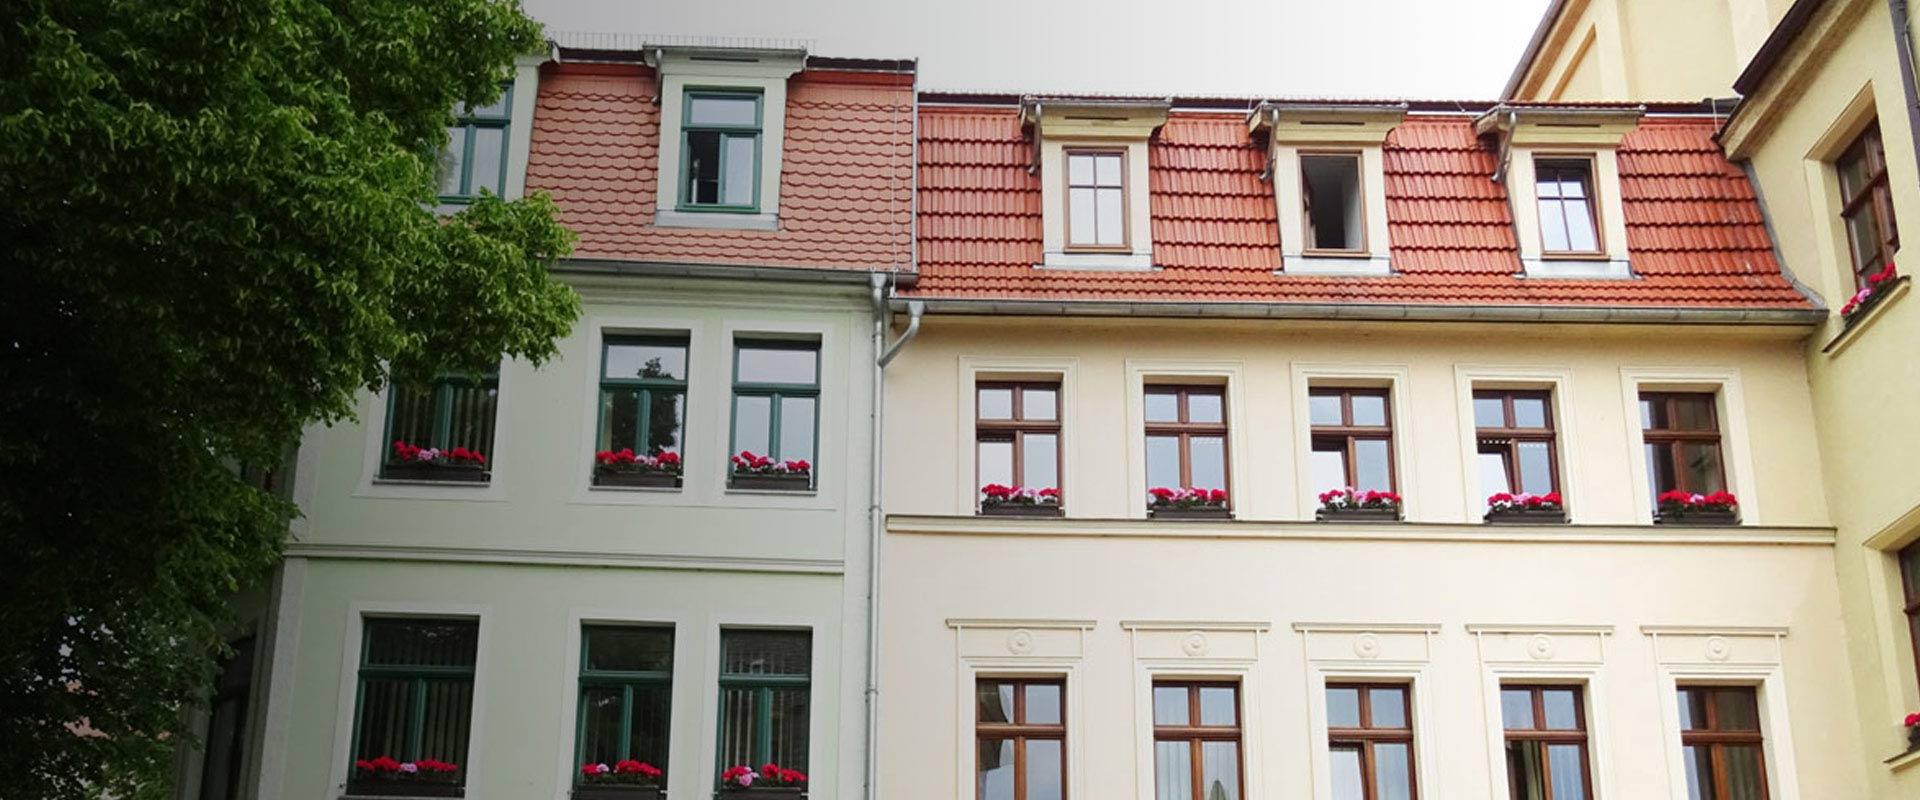 APS Immobilienverwaltung in Aschersleben